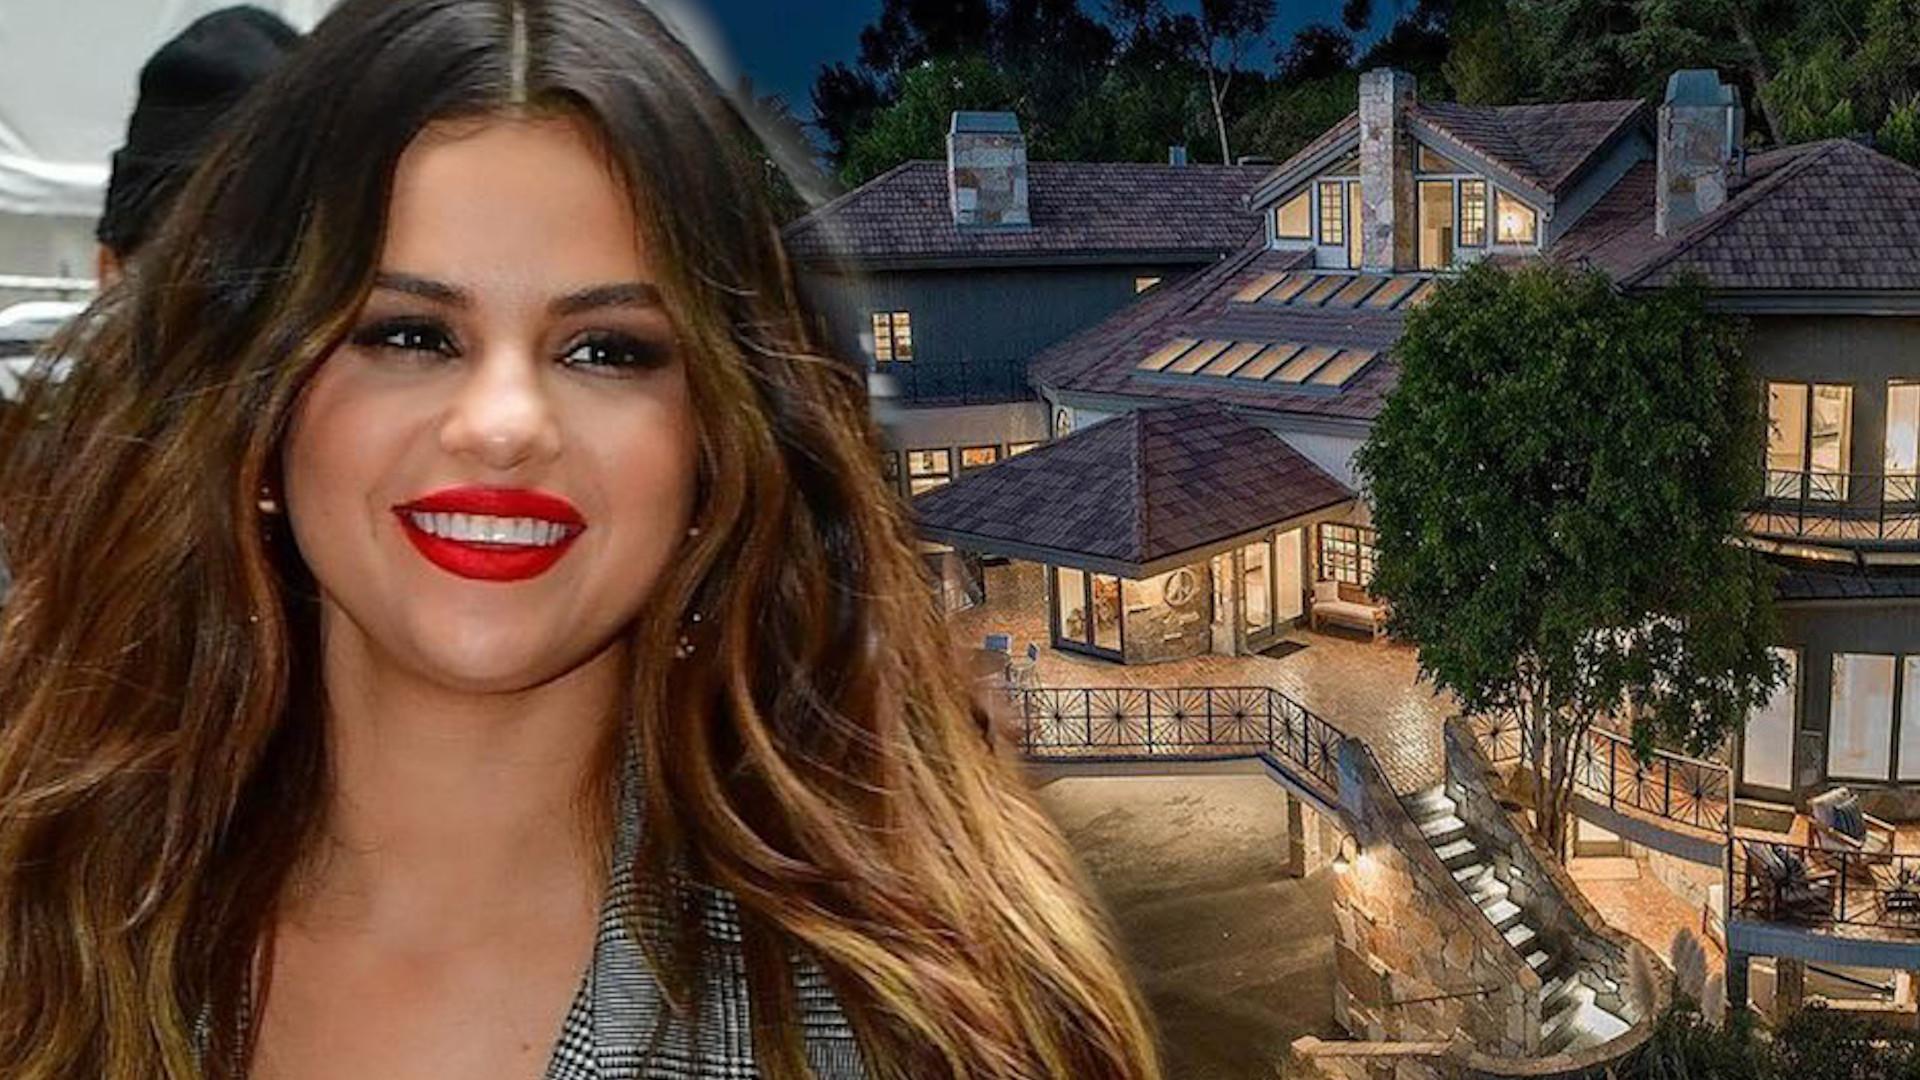 Selena Gomez kupiła posiadłość od znanego muzyka. Ma tam dosłownie WSZYSTKO!  (ZDJĘCIA)